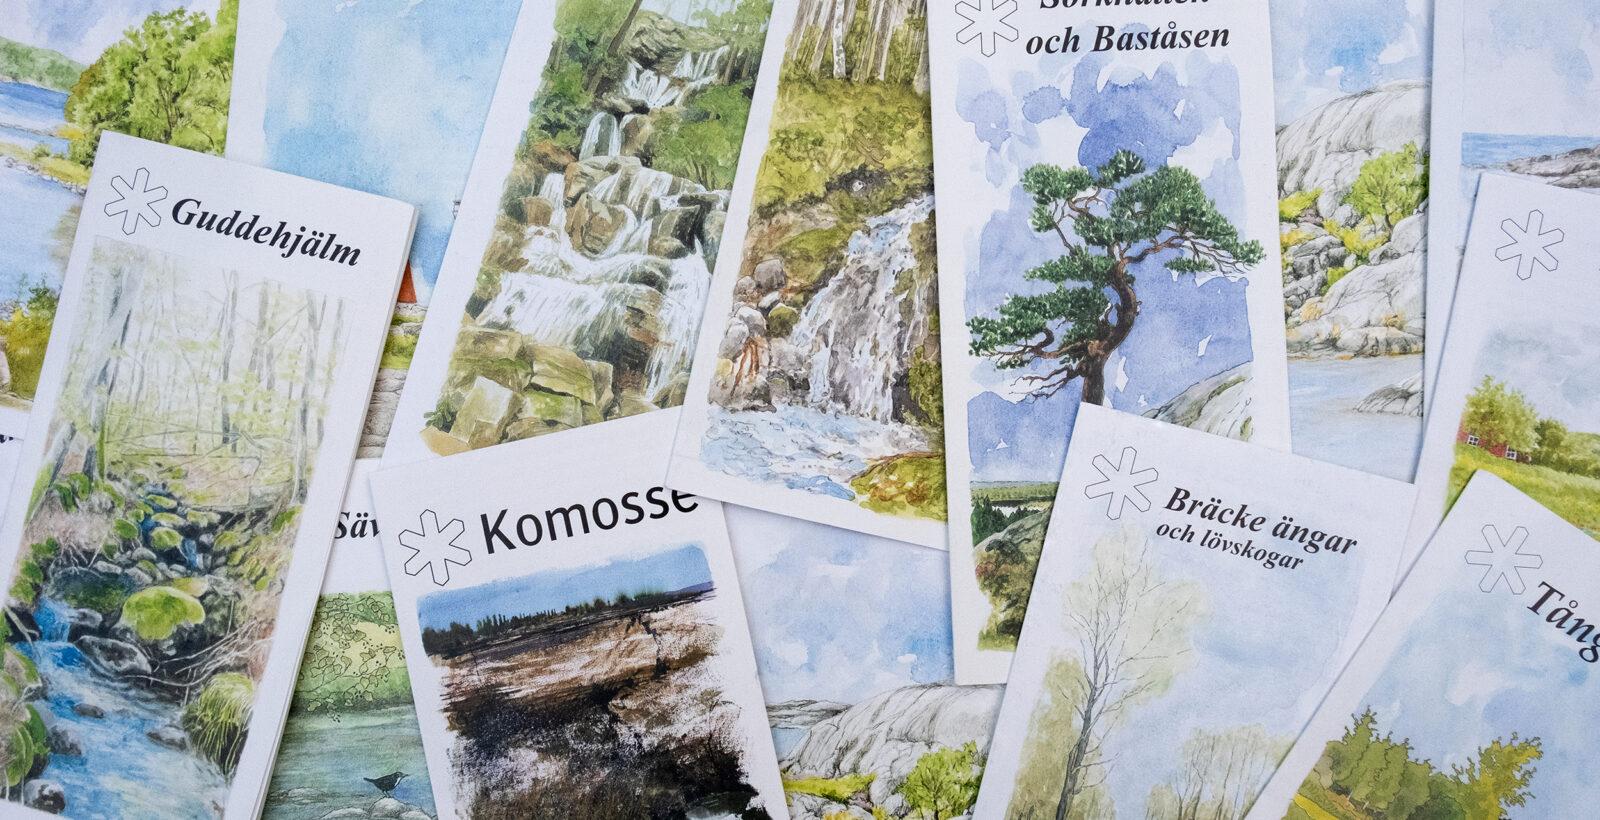 Foldrar med vackra naturillustrationer på framsidan. Foto.